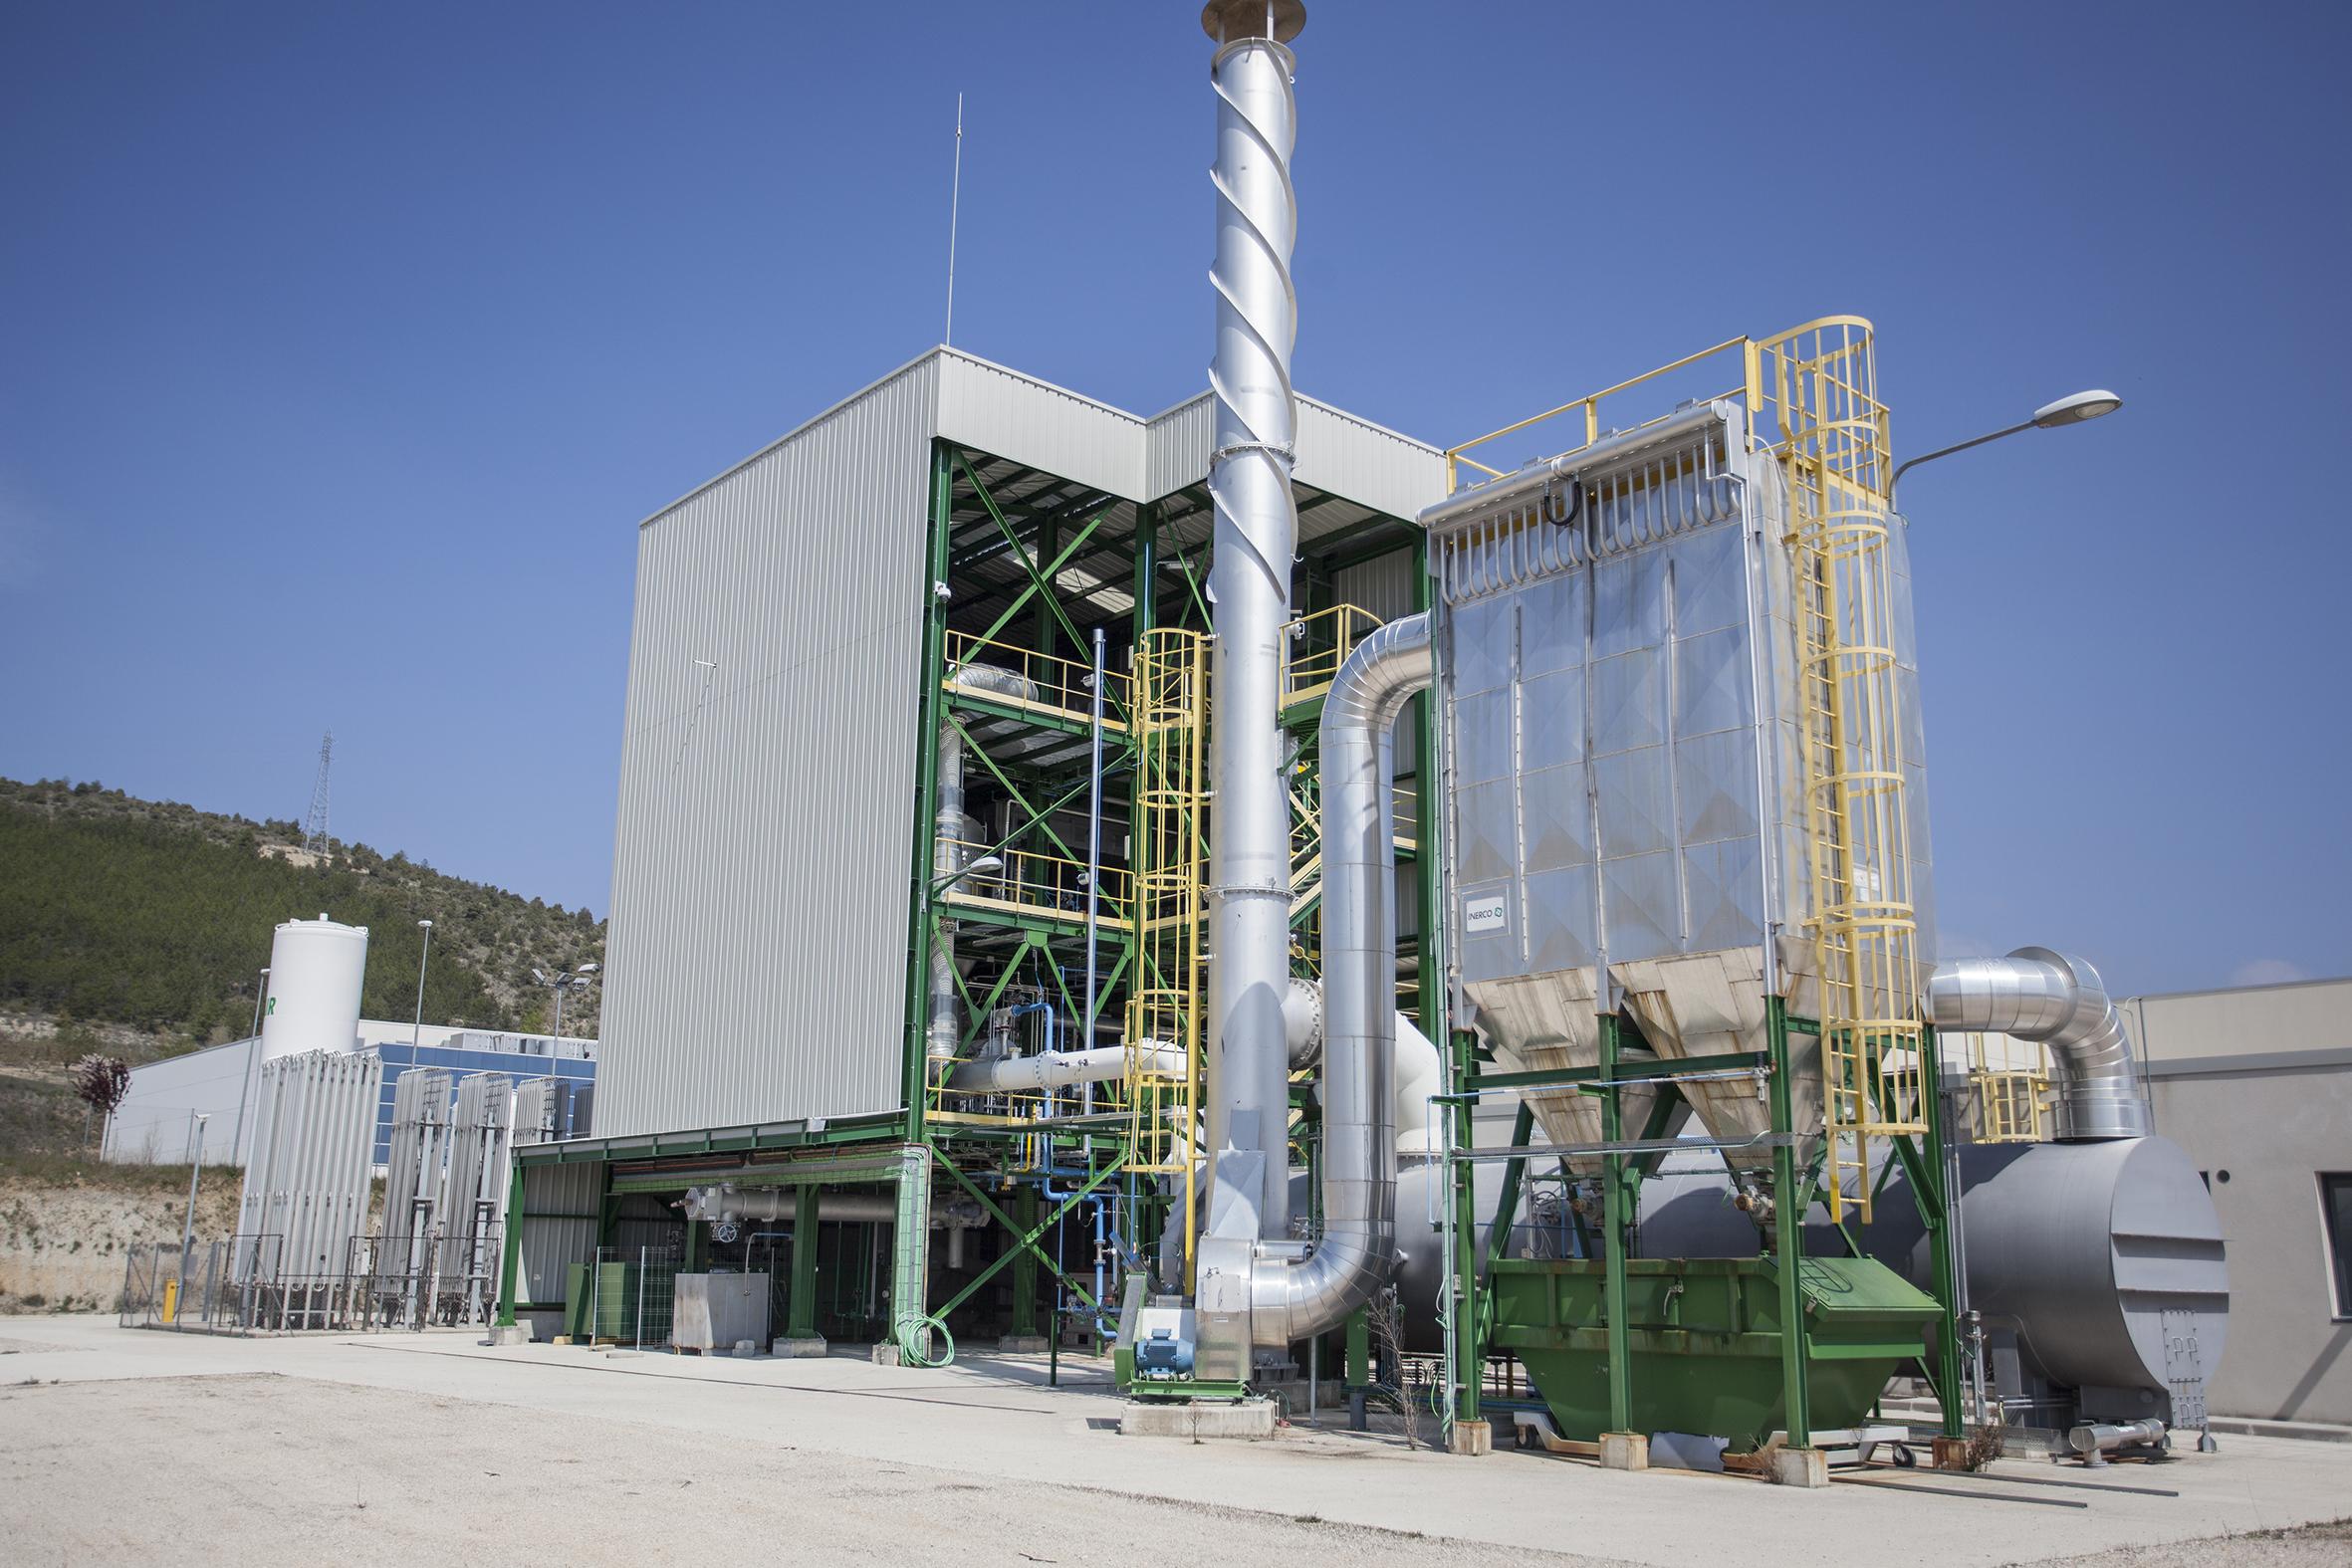 Unidad de Gasificación del Centro de Biorrefinería y Bioenergía de CENER